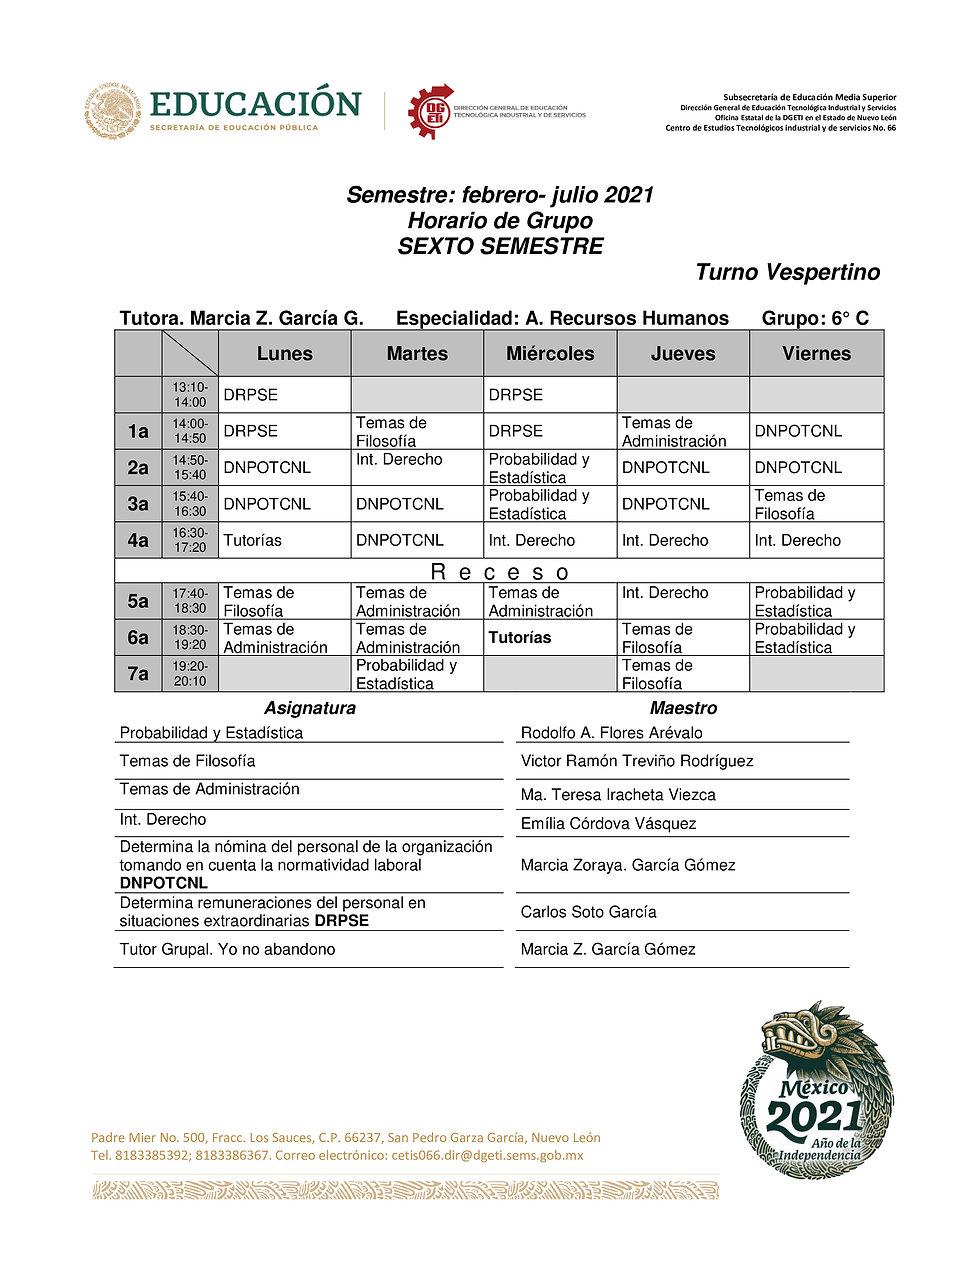 4-TV 21-21 HORARIOS CUARTO Y SEXTO SEMES